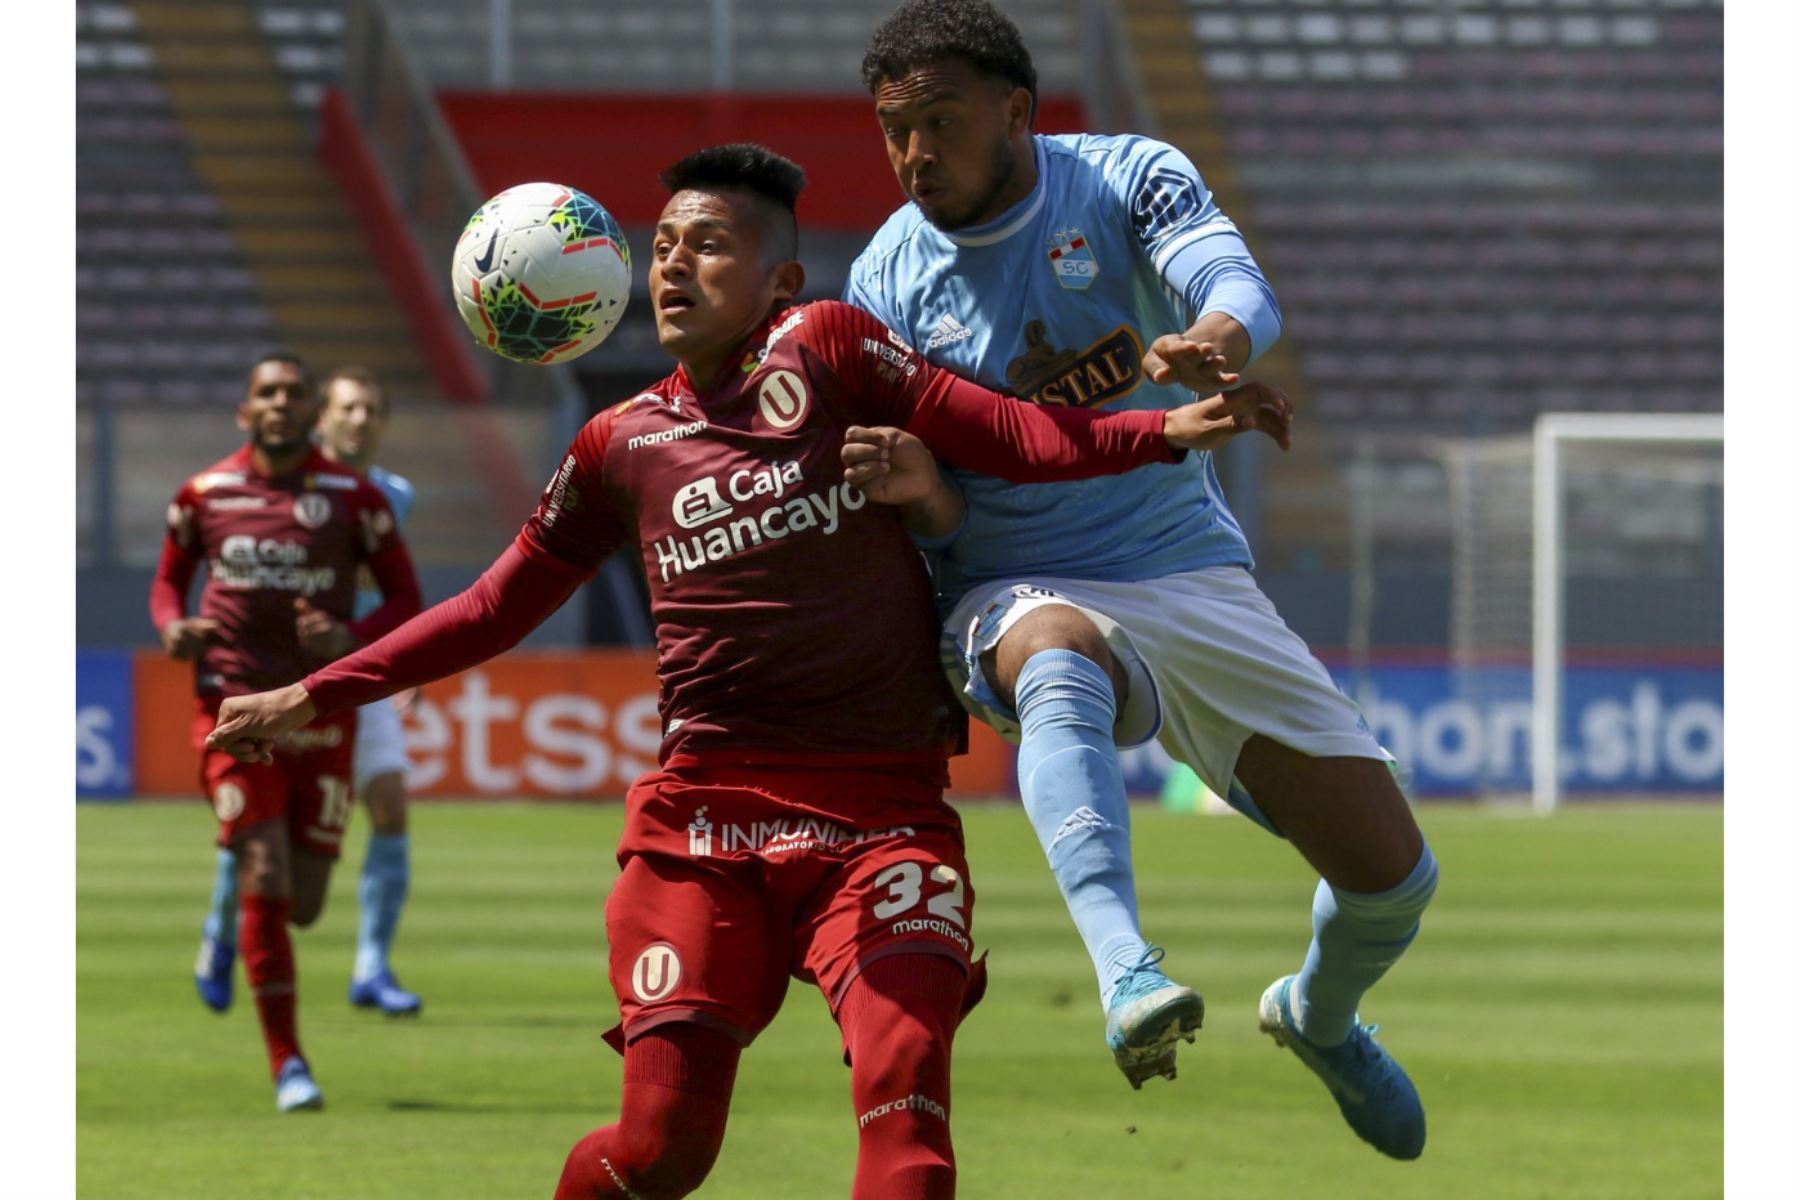 15/10/2020. Universitario y Sporting Cristal se enfrentan en el Estadio Nacional por la penúltima fecha del Torneo Apertura. Foto: Liga 1